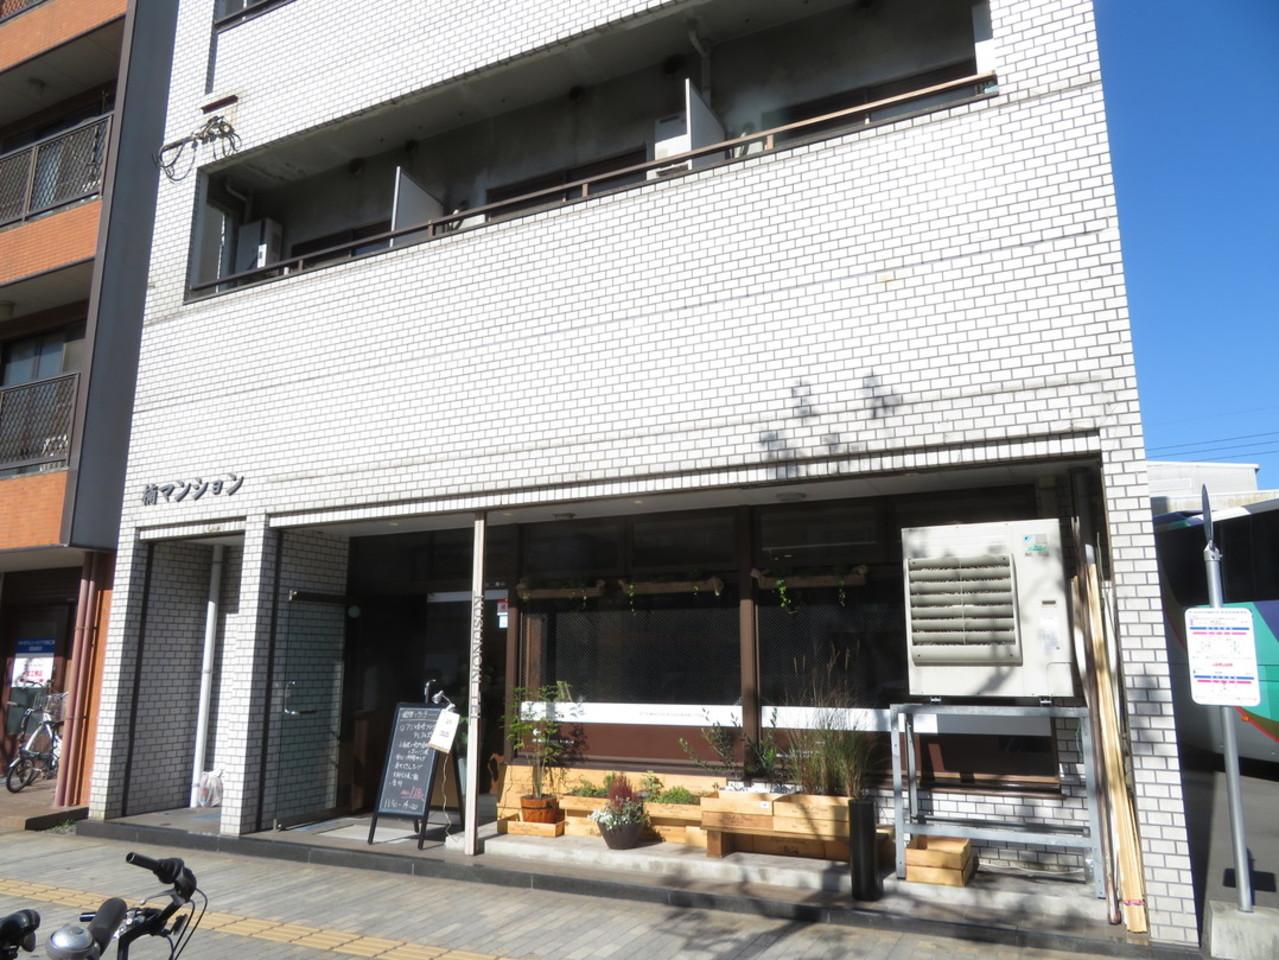 JR松山駅周辺の美味しいレストラン『楠亭』